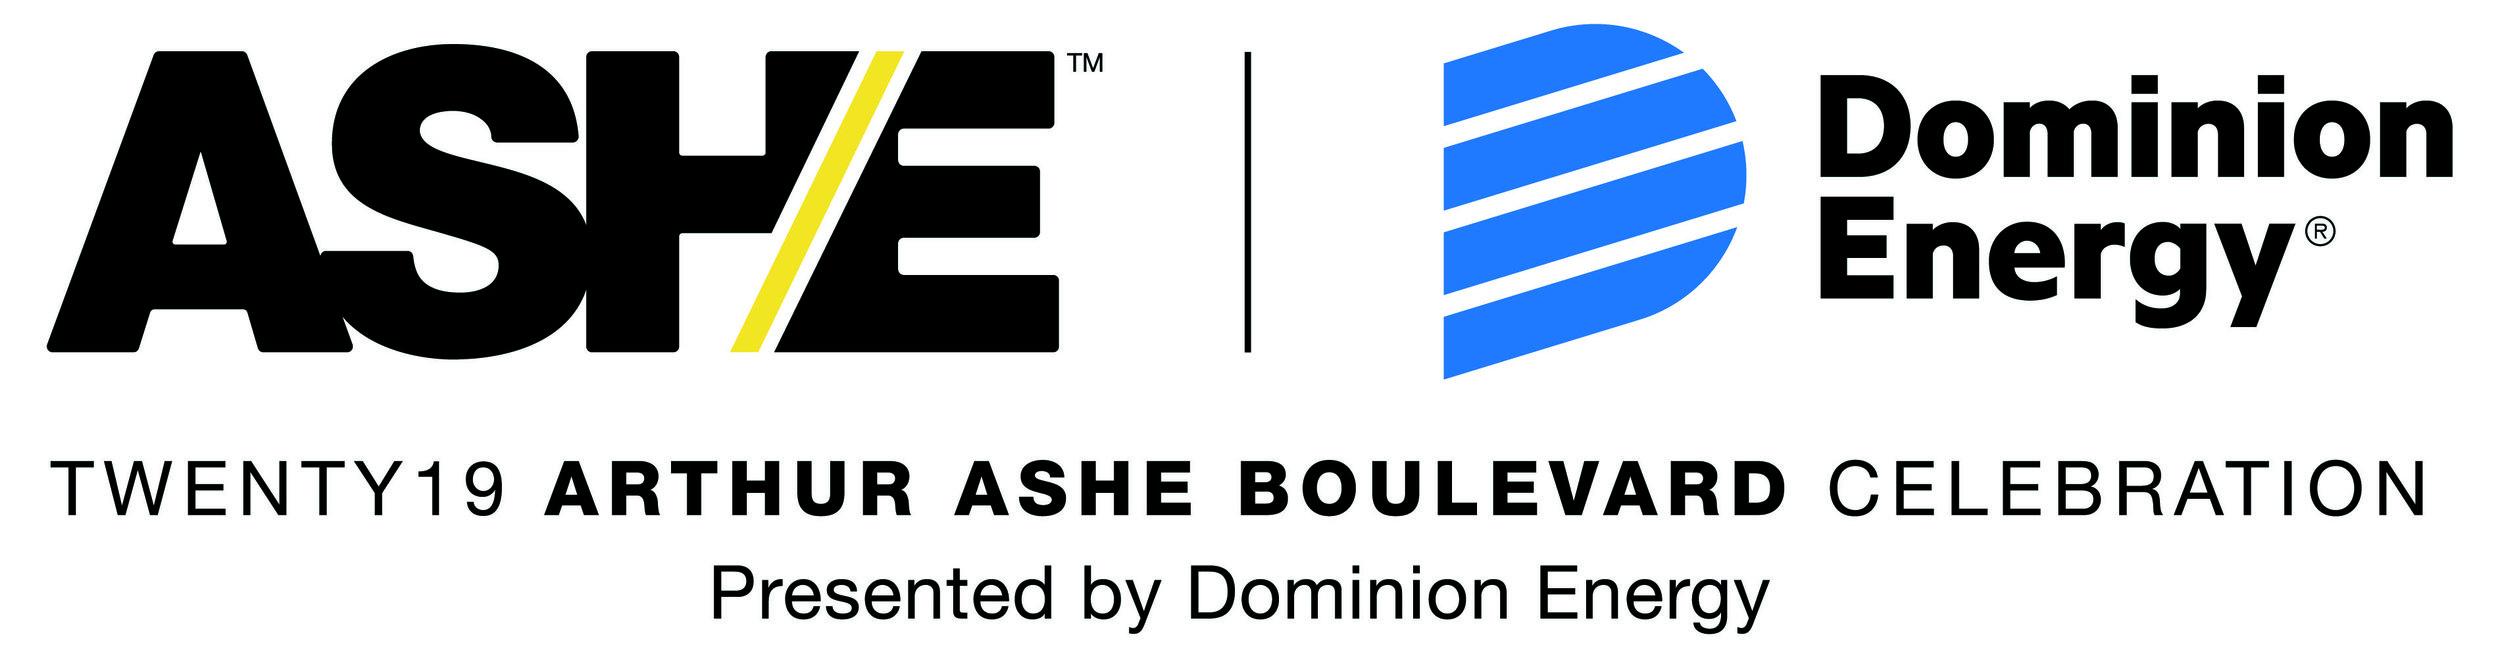 ASHE3_DOMINION_3c_B_CMYK_2.jpg